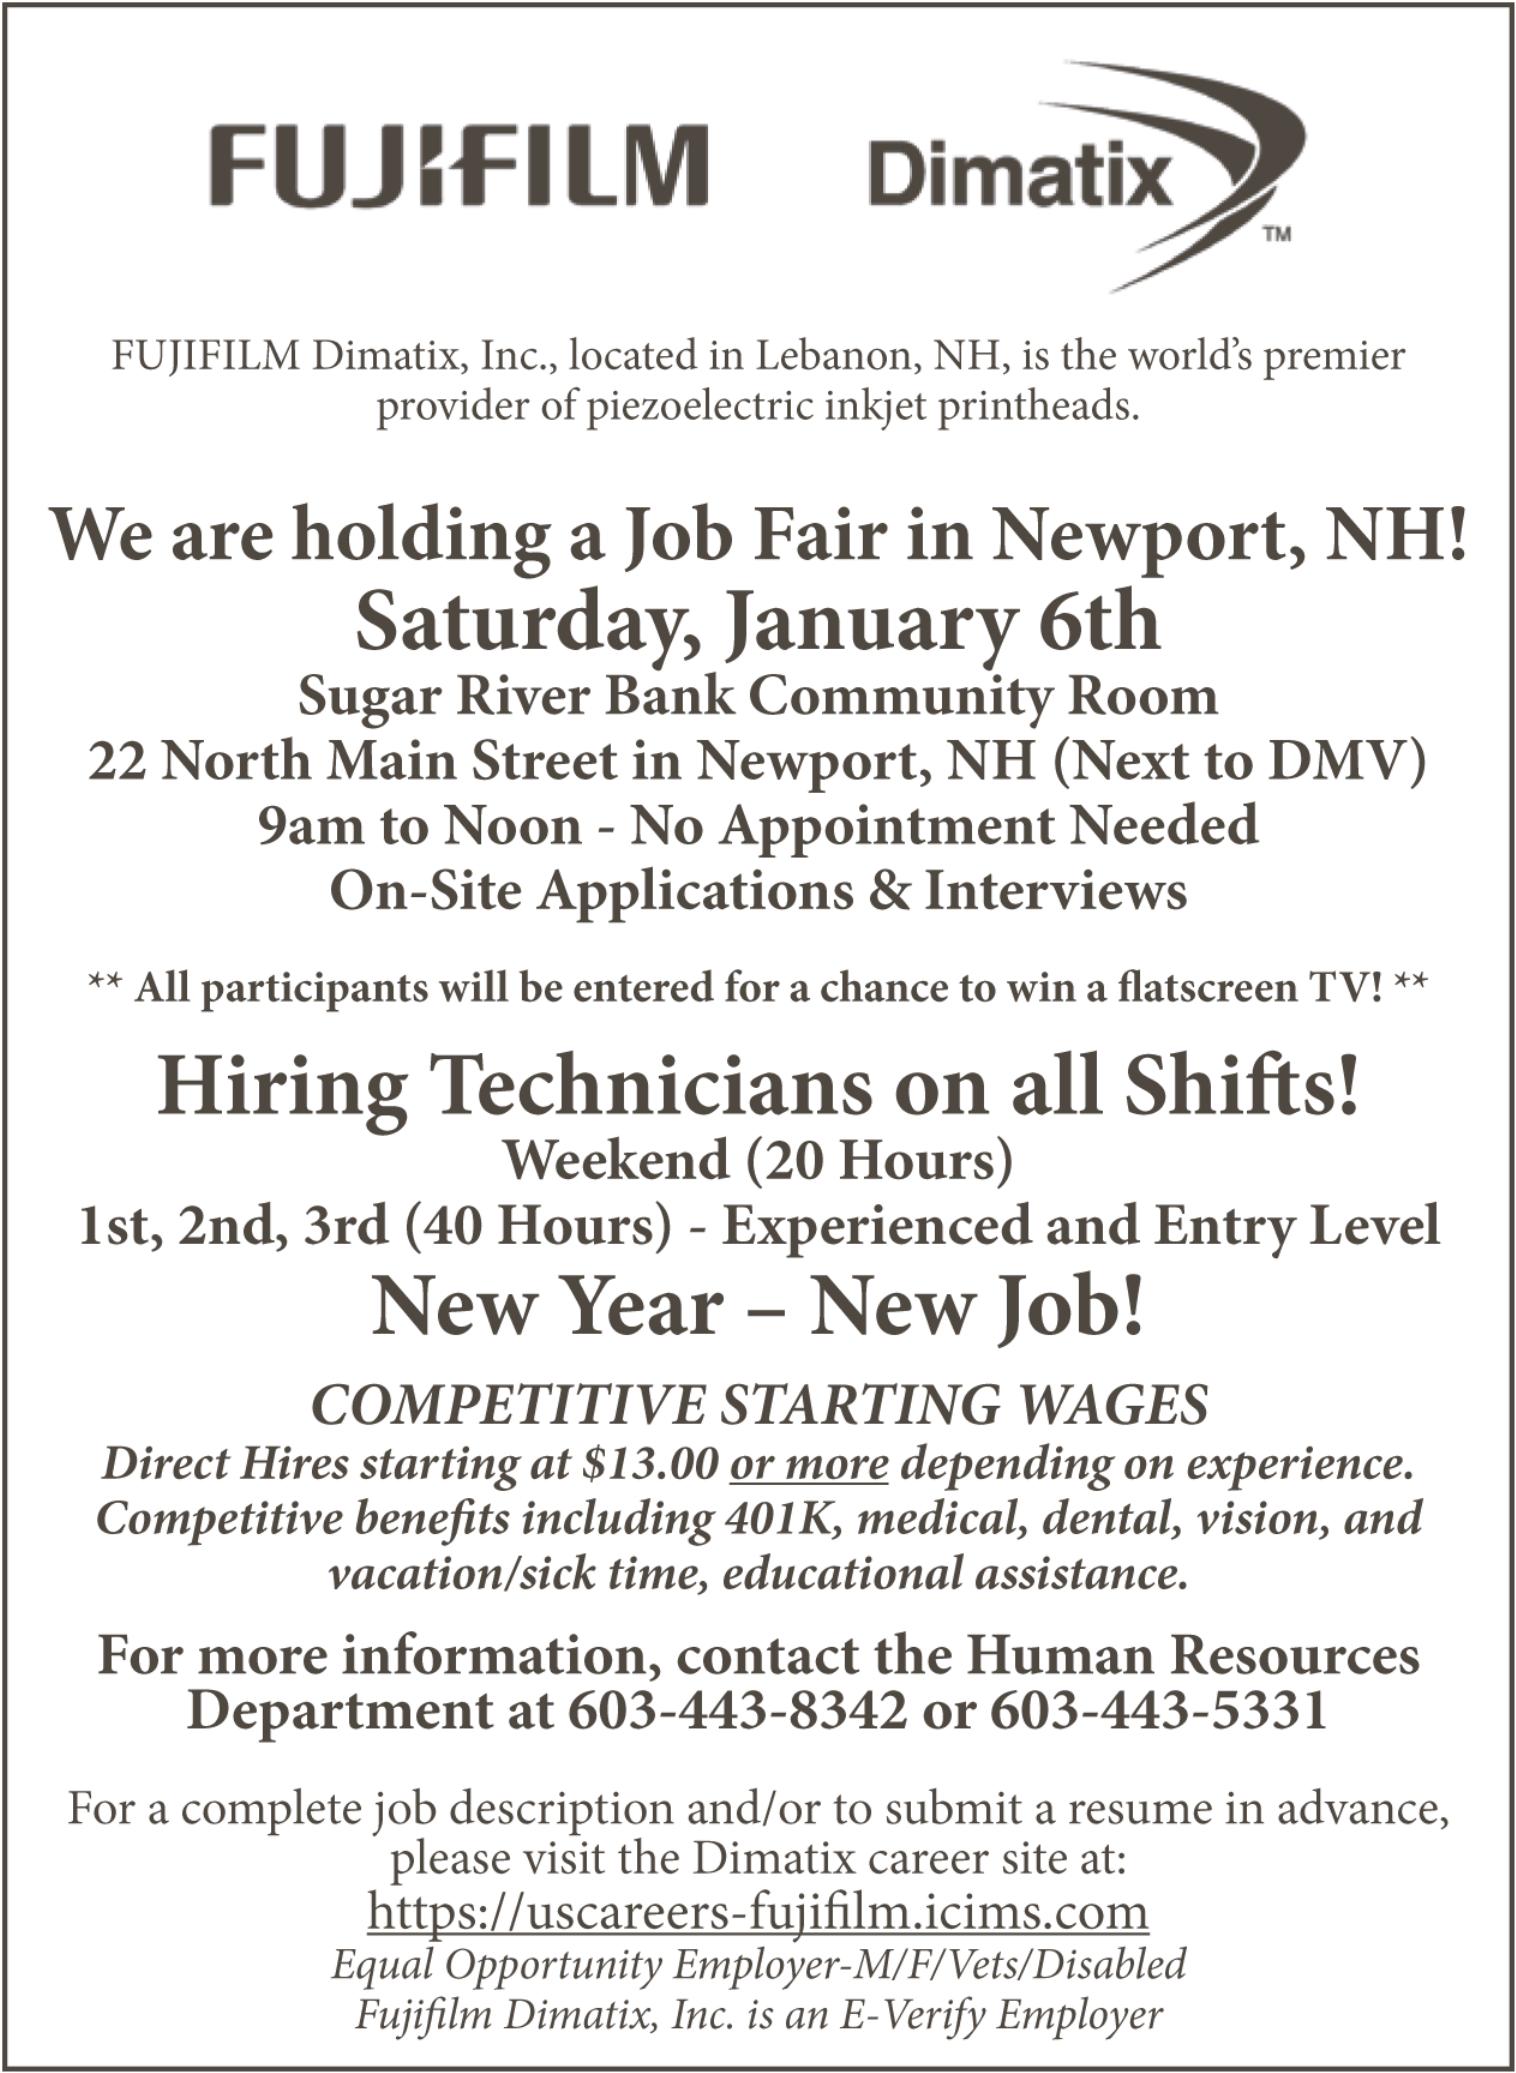 Fujifilm Dimatix, Inc. Job